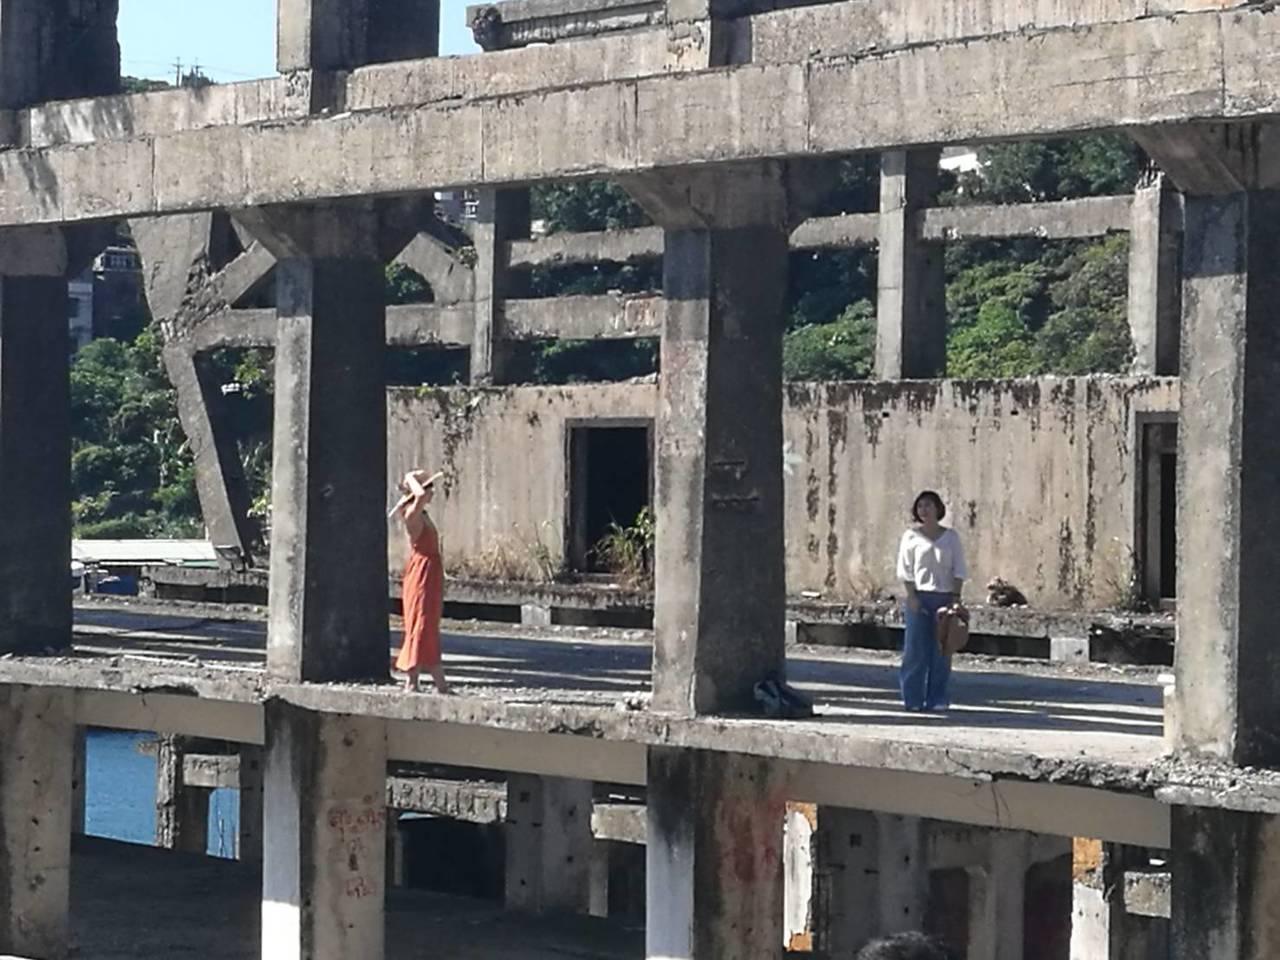 阿根納造船廠建於1967年,雖部分建築主體遭拆除,但半毀造船廠廢墟仍成為不少遊客...